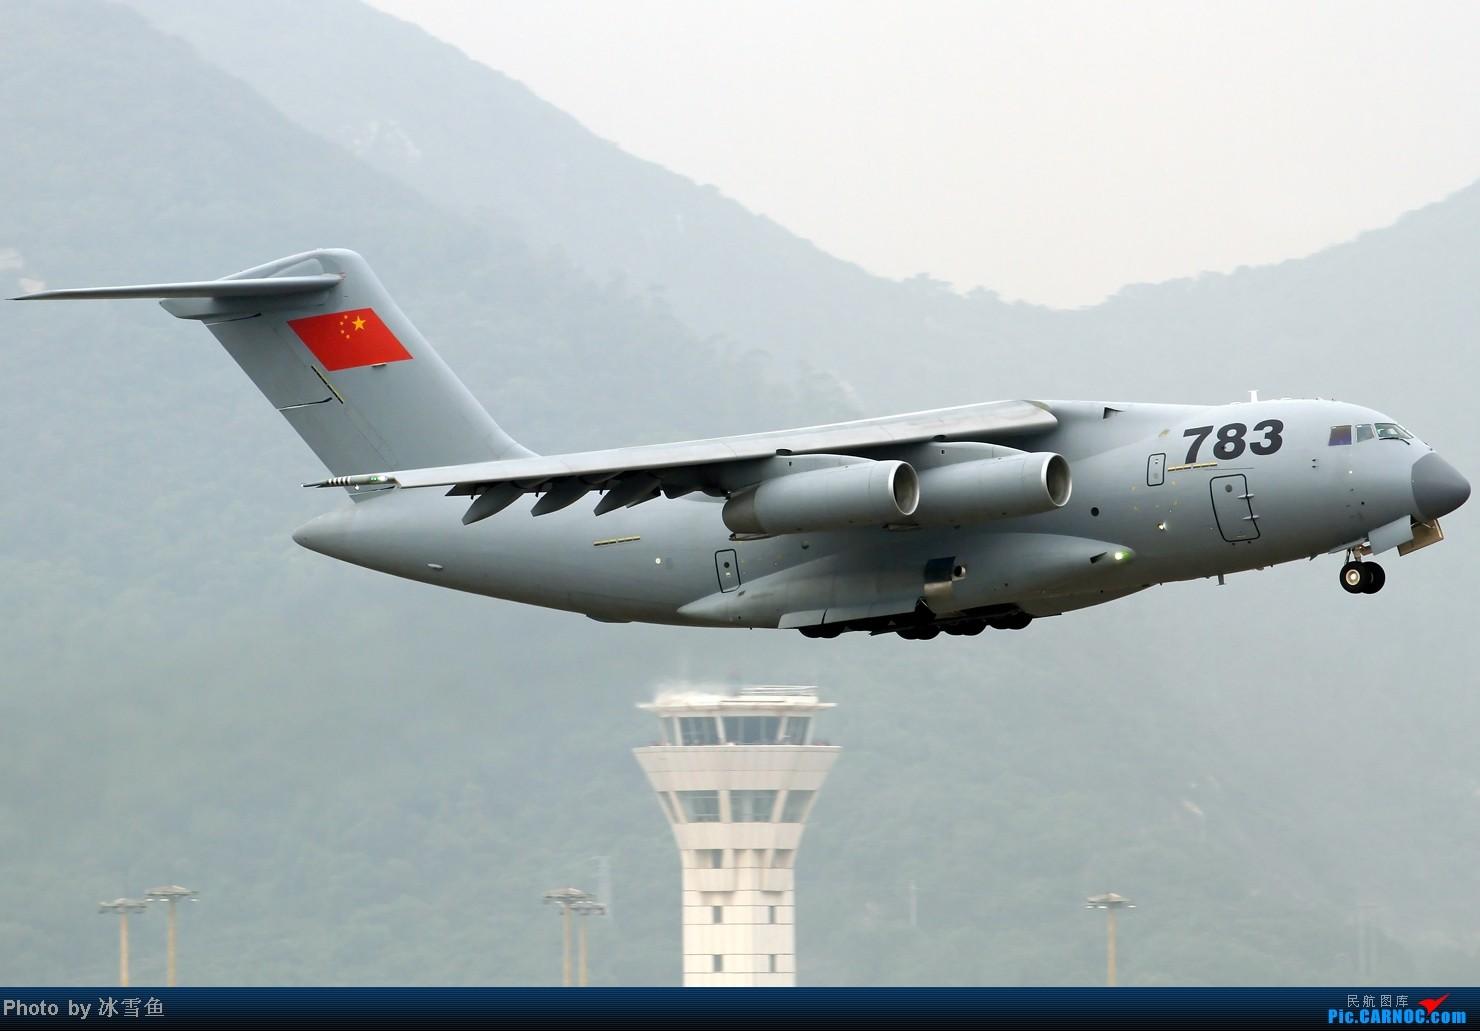 [原创]【BLDDQ】借珠海航展的东风,再度回归! Y-20 783 中国珠海金湾机场